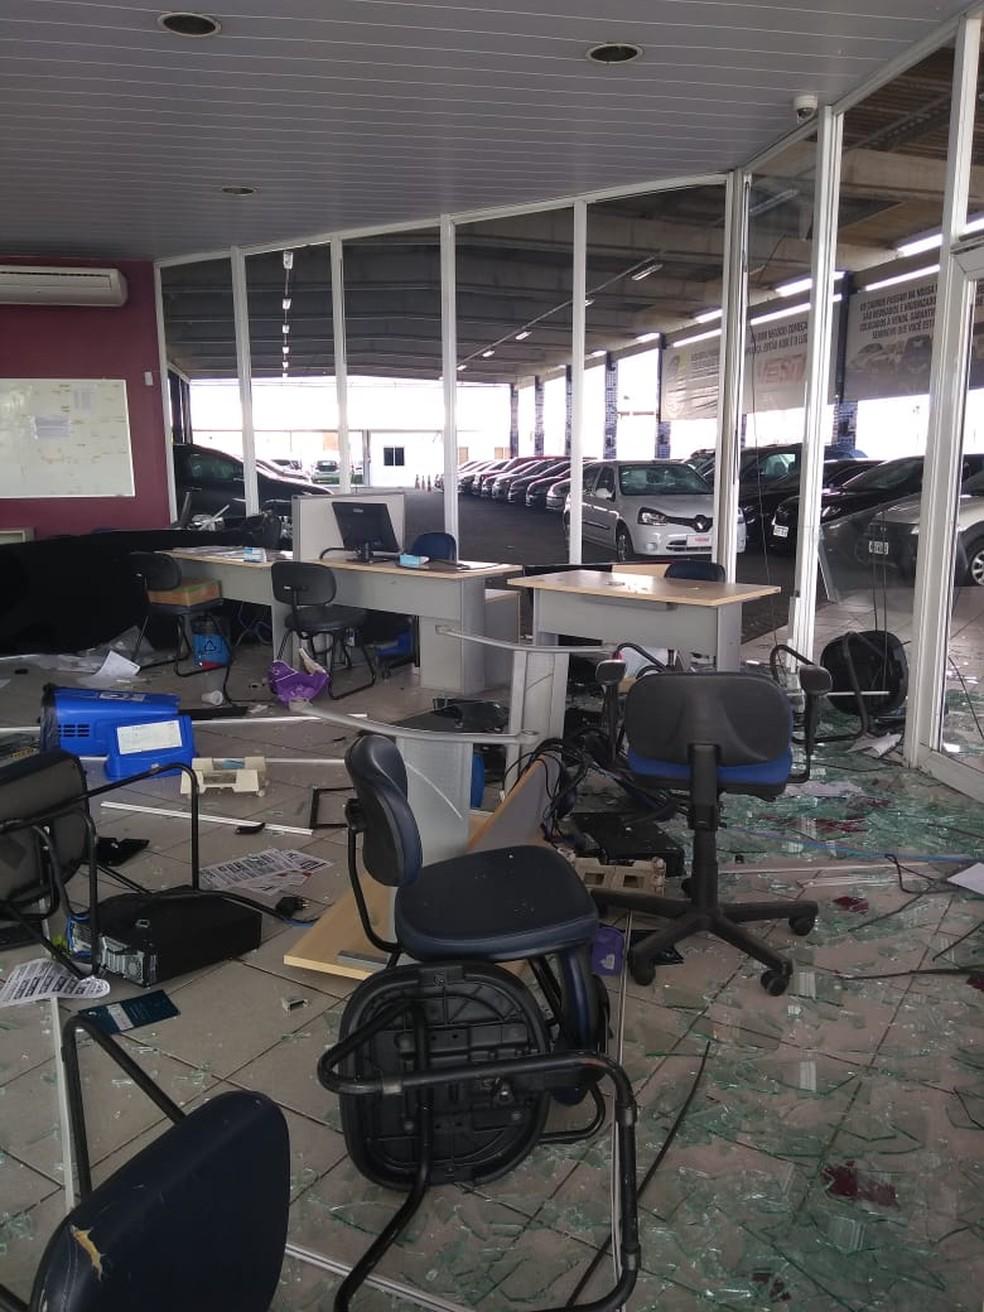 Imagens mostram o estrago no estabelecimento, que teve vidros quebrados, mesas destruídas, lixeiras, mesas, cadeiras, computadores e teclados jogados no chão — Foto: Reprodução/WhatsApp